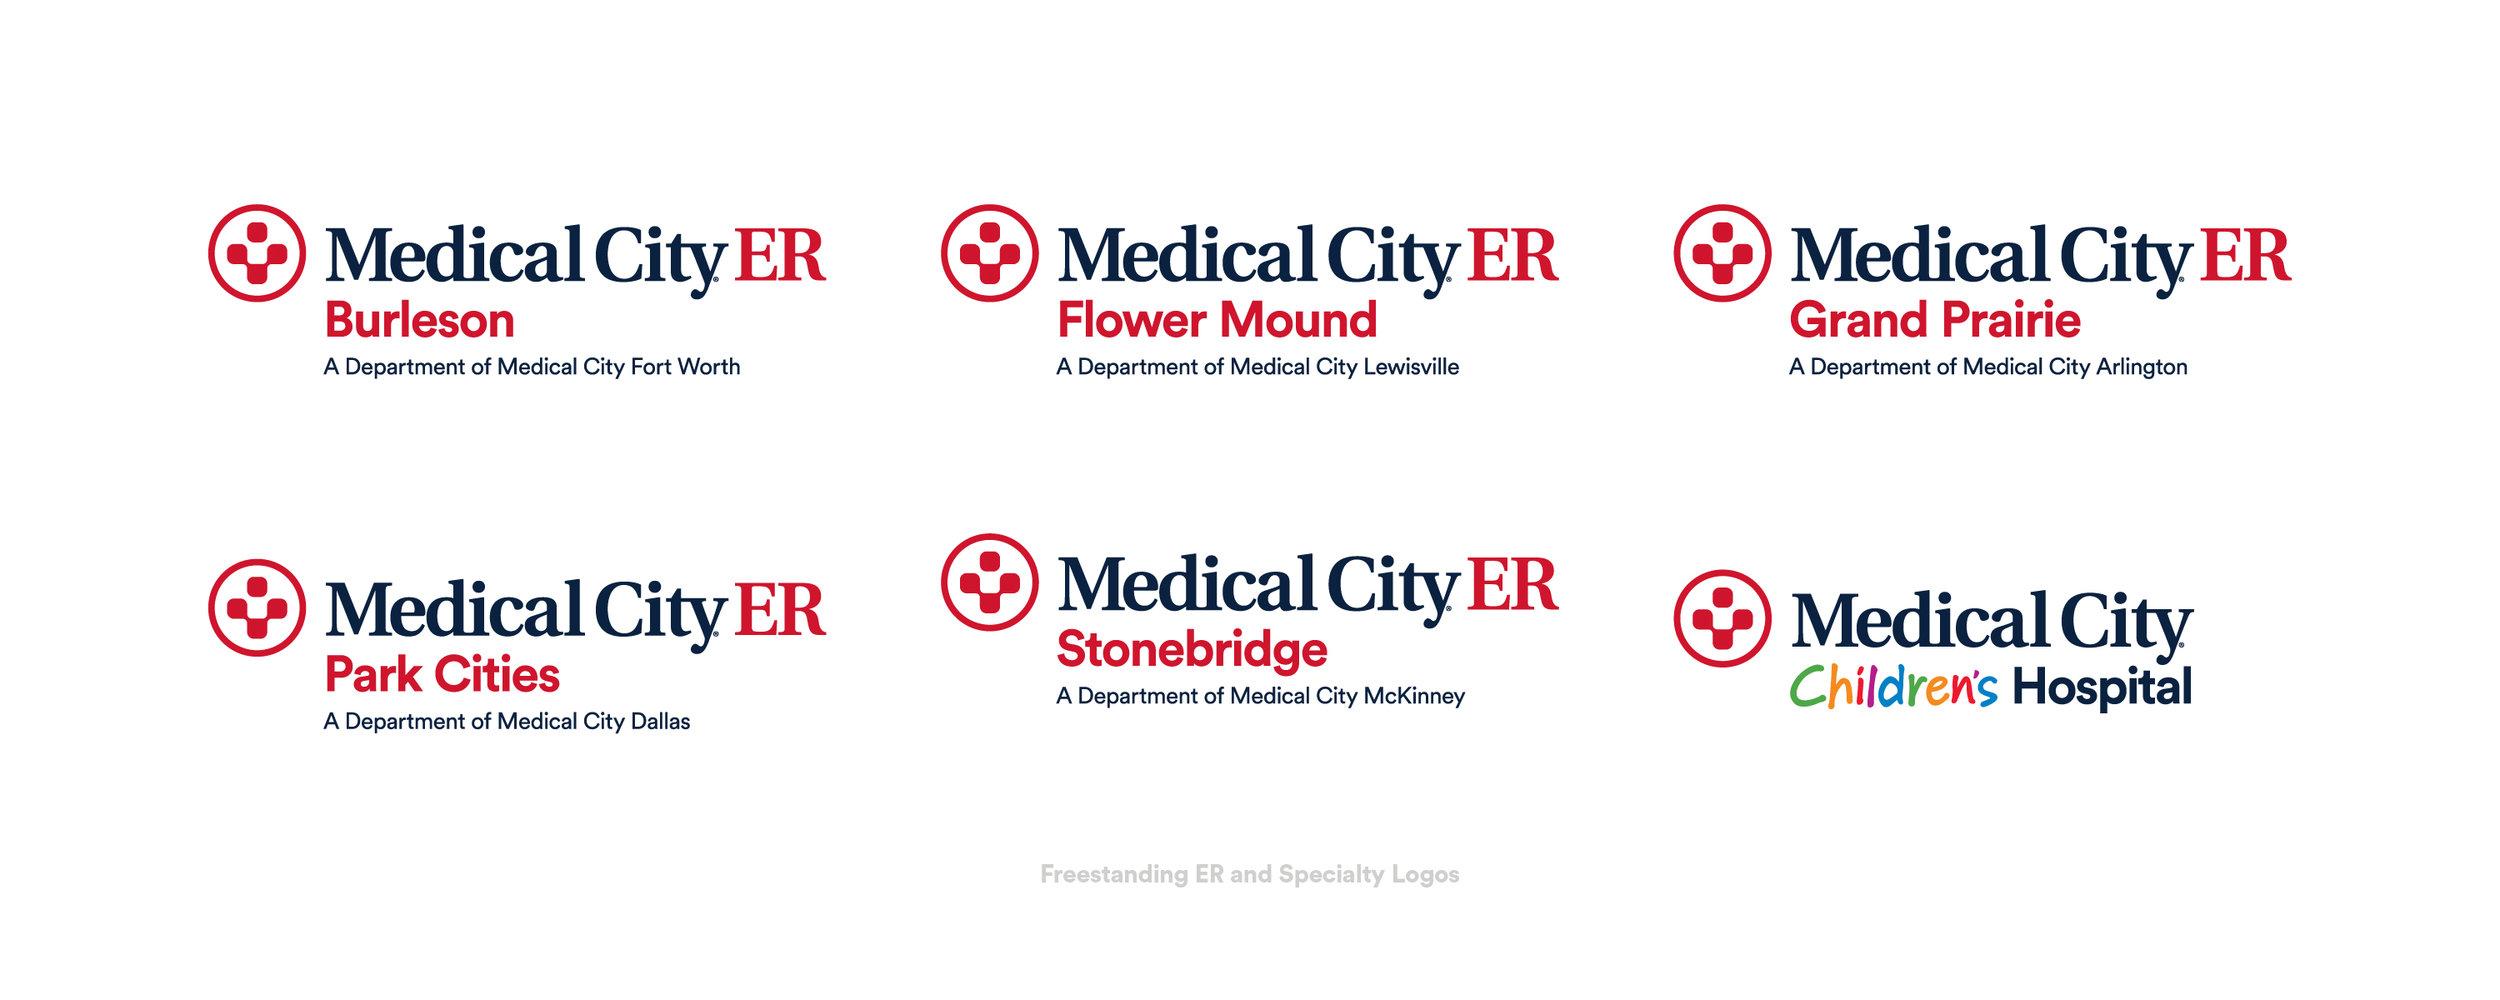 ronaldvillegas-medical-city-specialty-logos.jpg